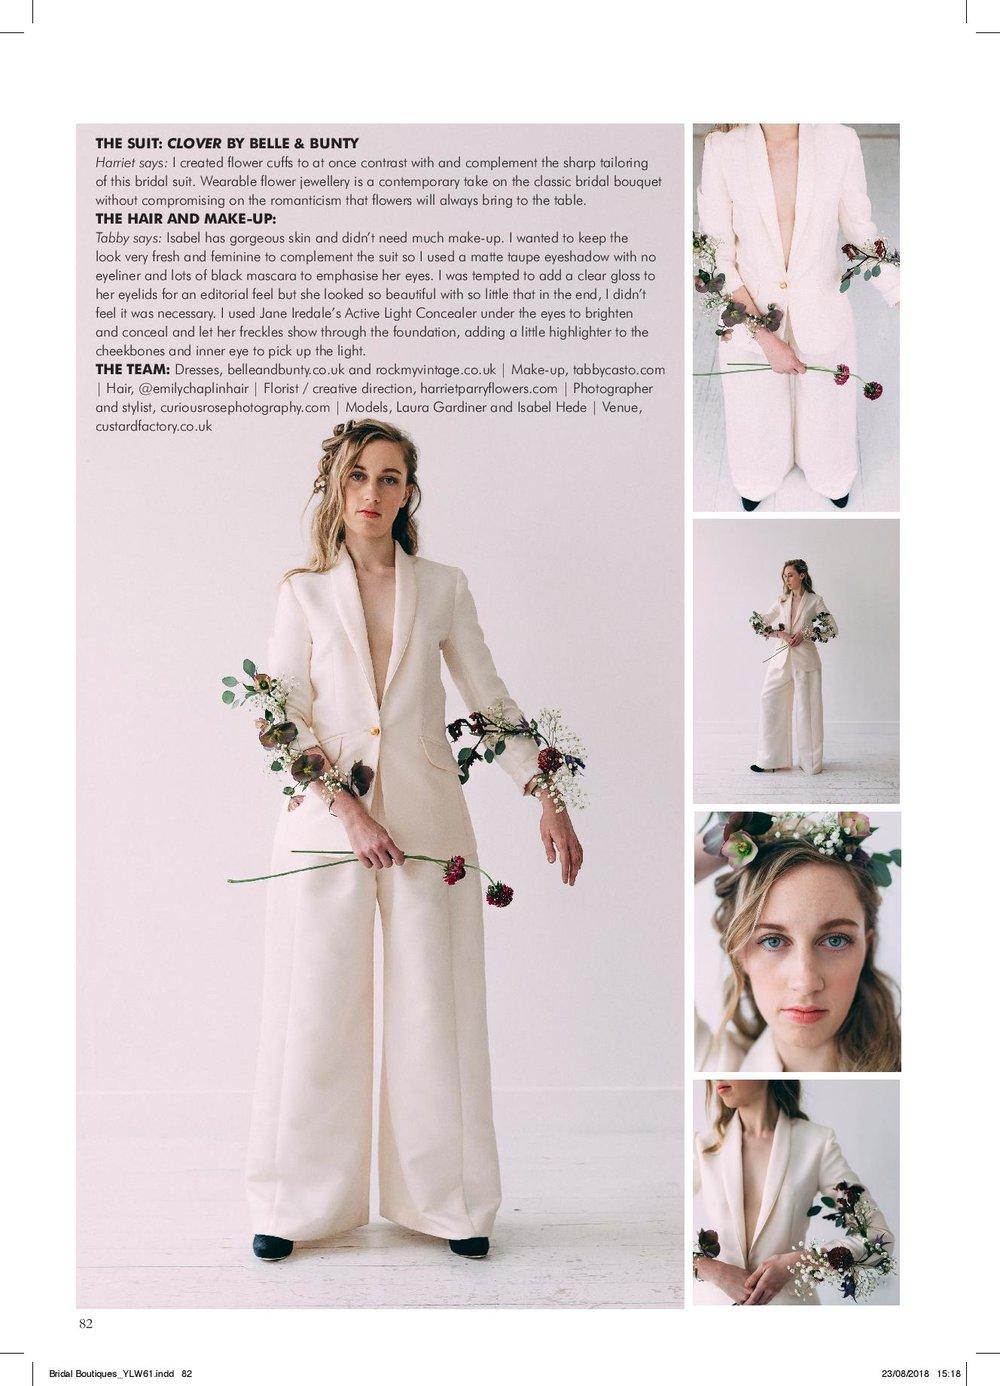 YLW61-08-082-page-001.jpg